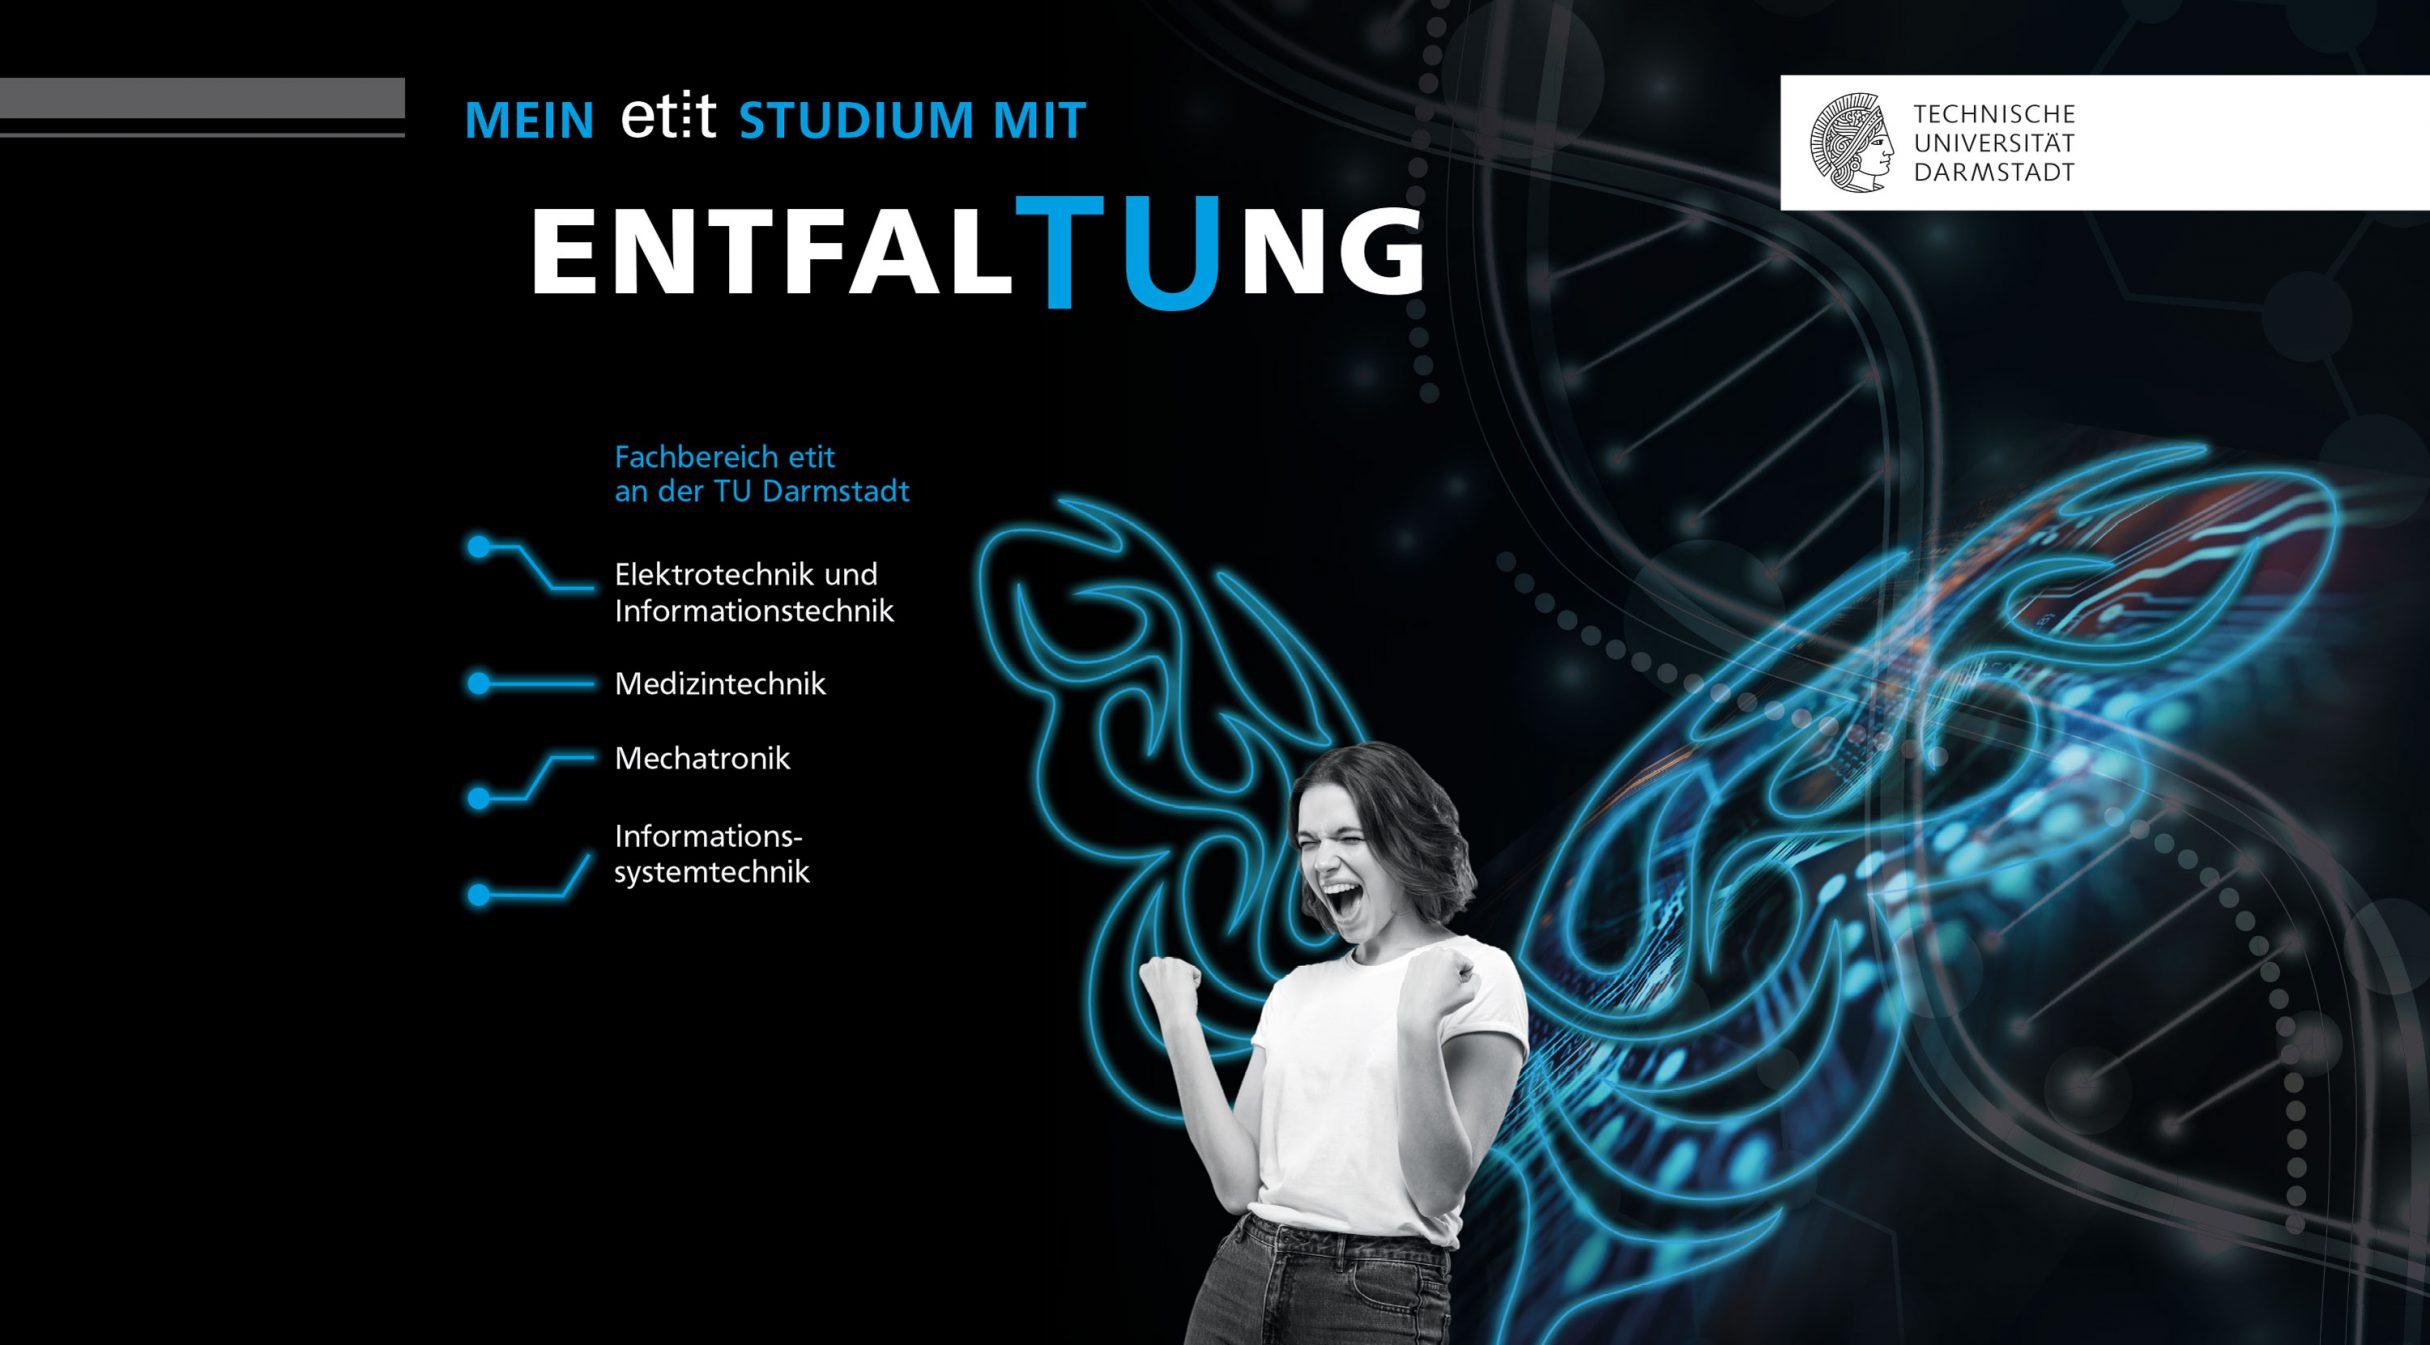 Entfaltung beim Studium: etit, Technische Universität Darmstadt. Keyvisual und Messestand auf der hobit von DIE NEUDENKER, Darmstadt